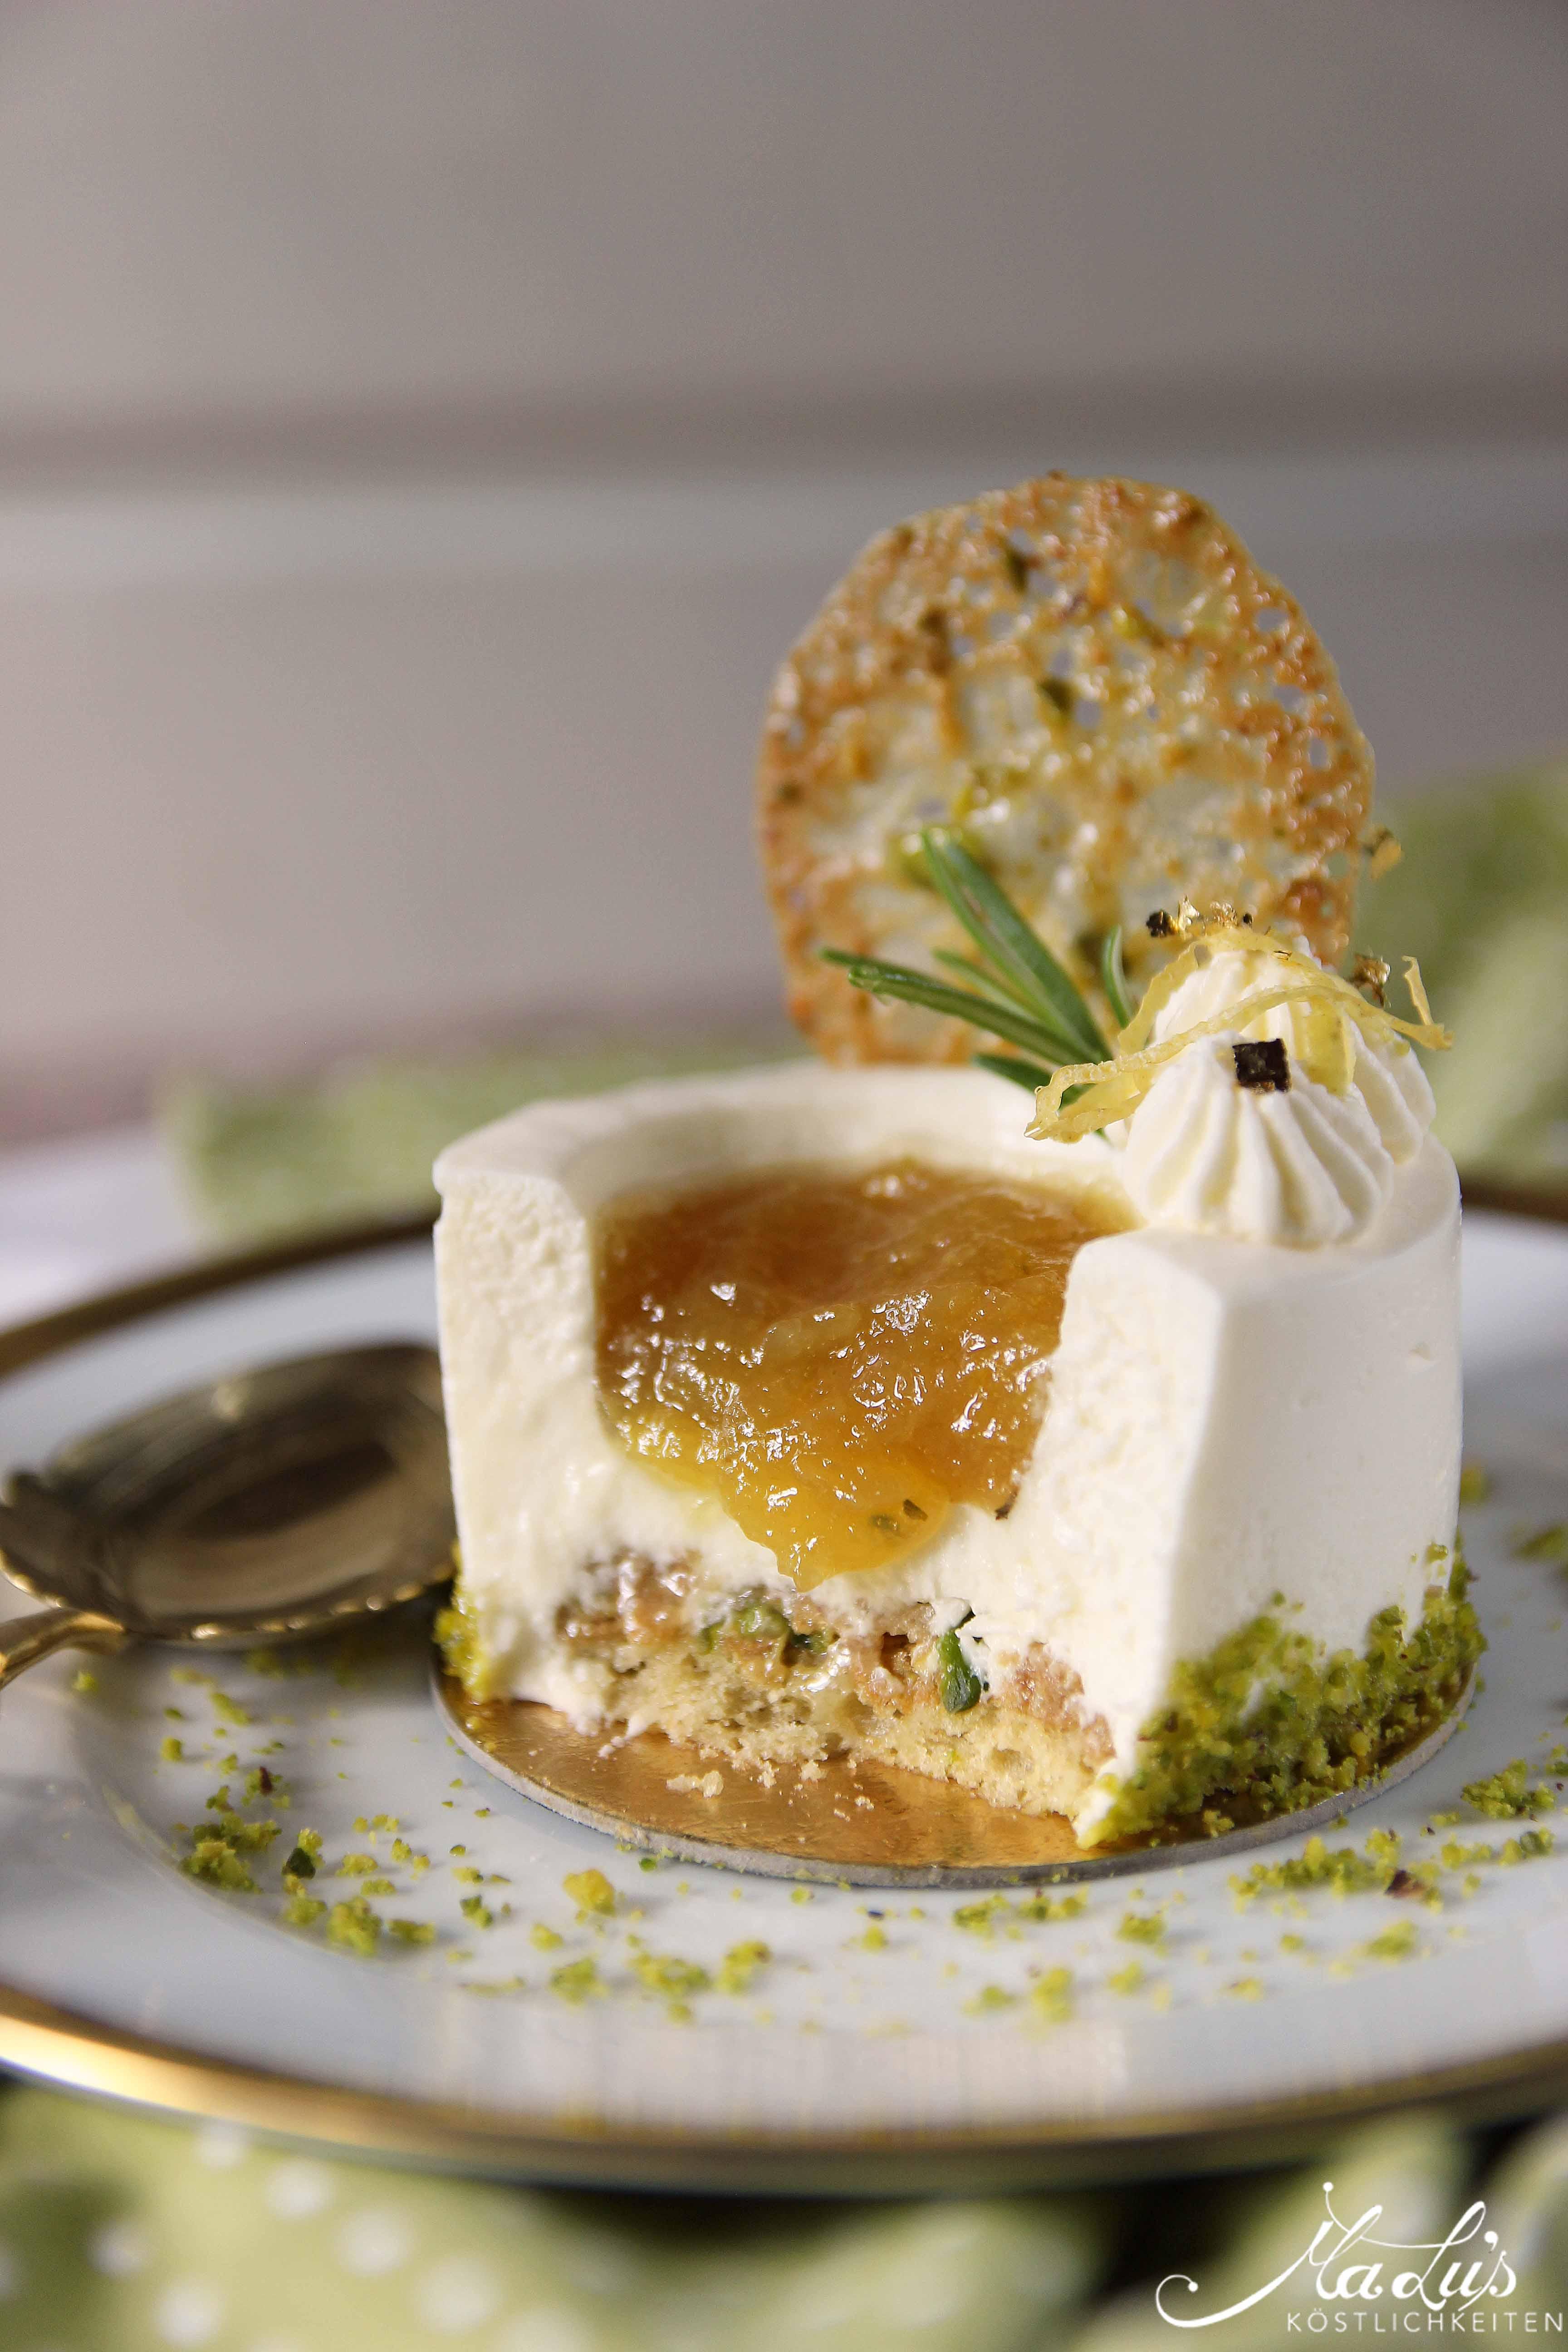 Frischkäse-Zitronentörtchen mit Limonen Marmellata & Pistazienknusperblättern